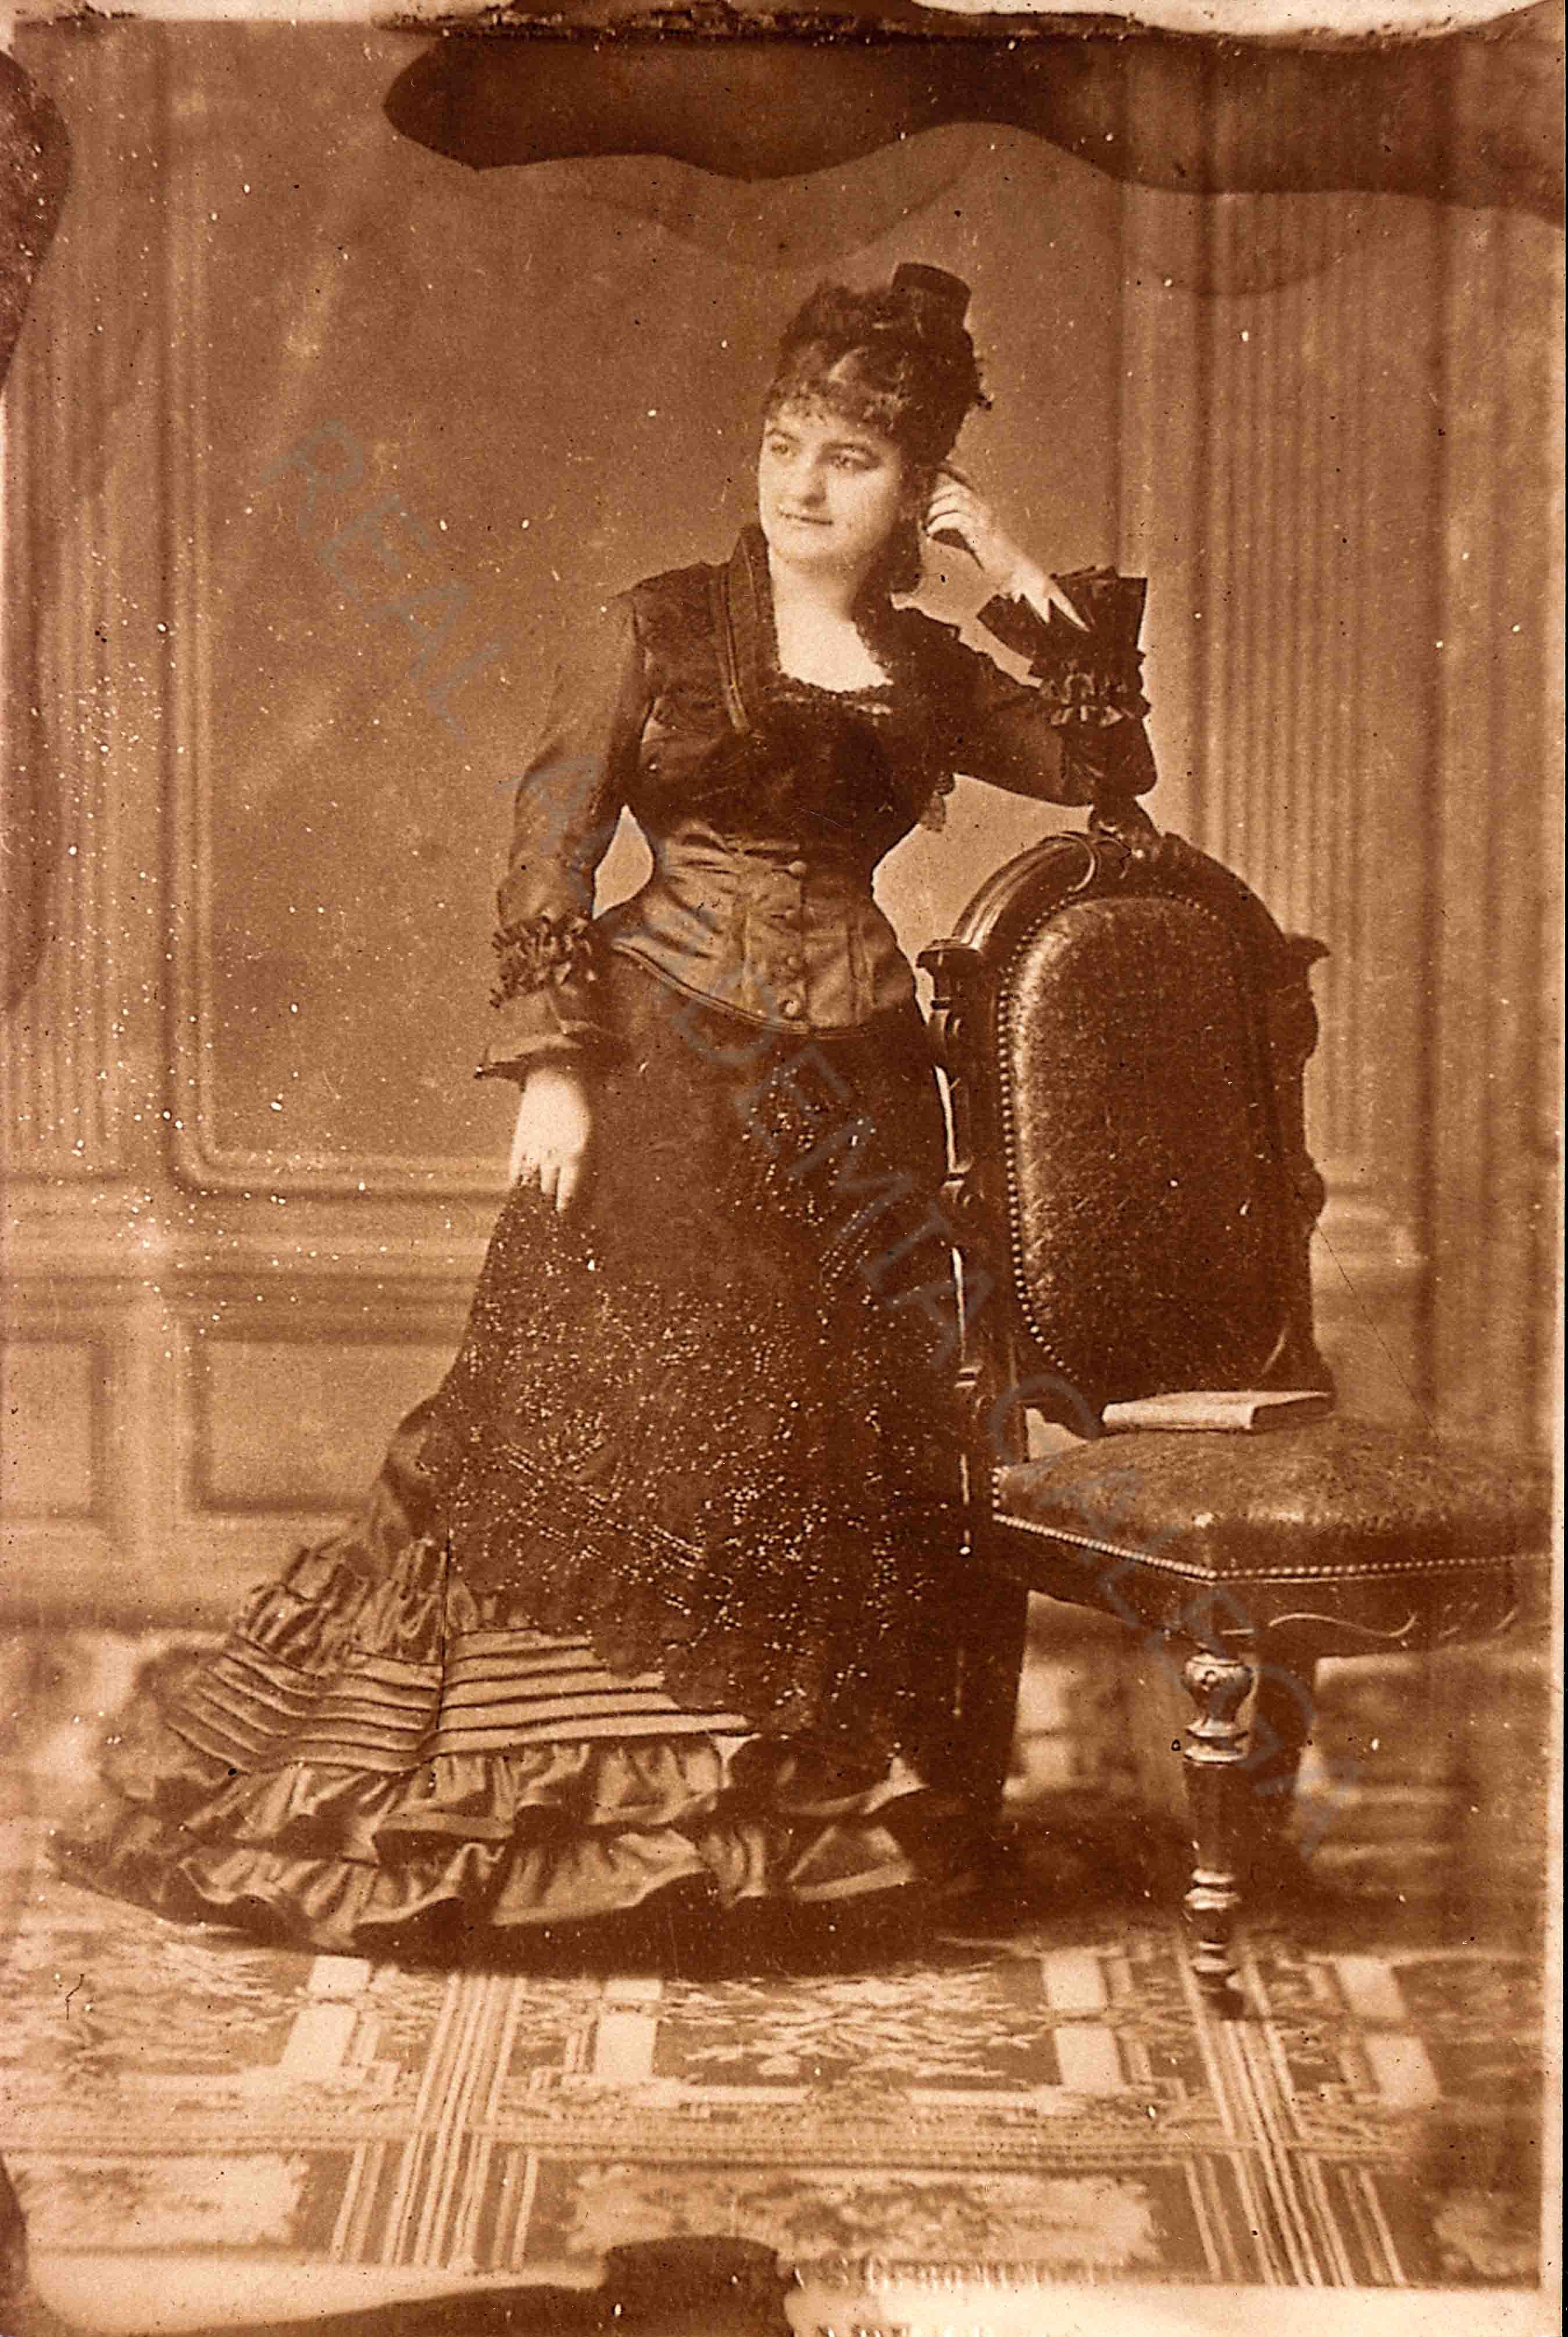 Retrato de Emilia Pardo Bazán joven, acceso a Galiciana